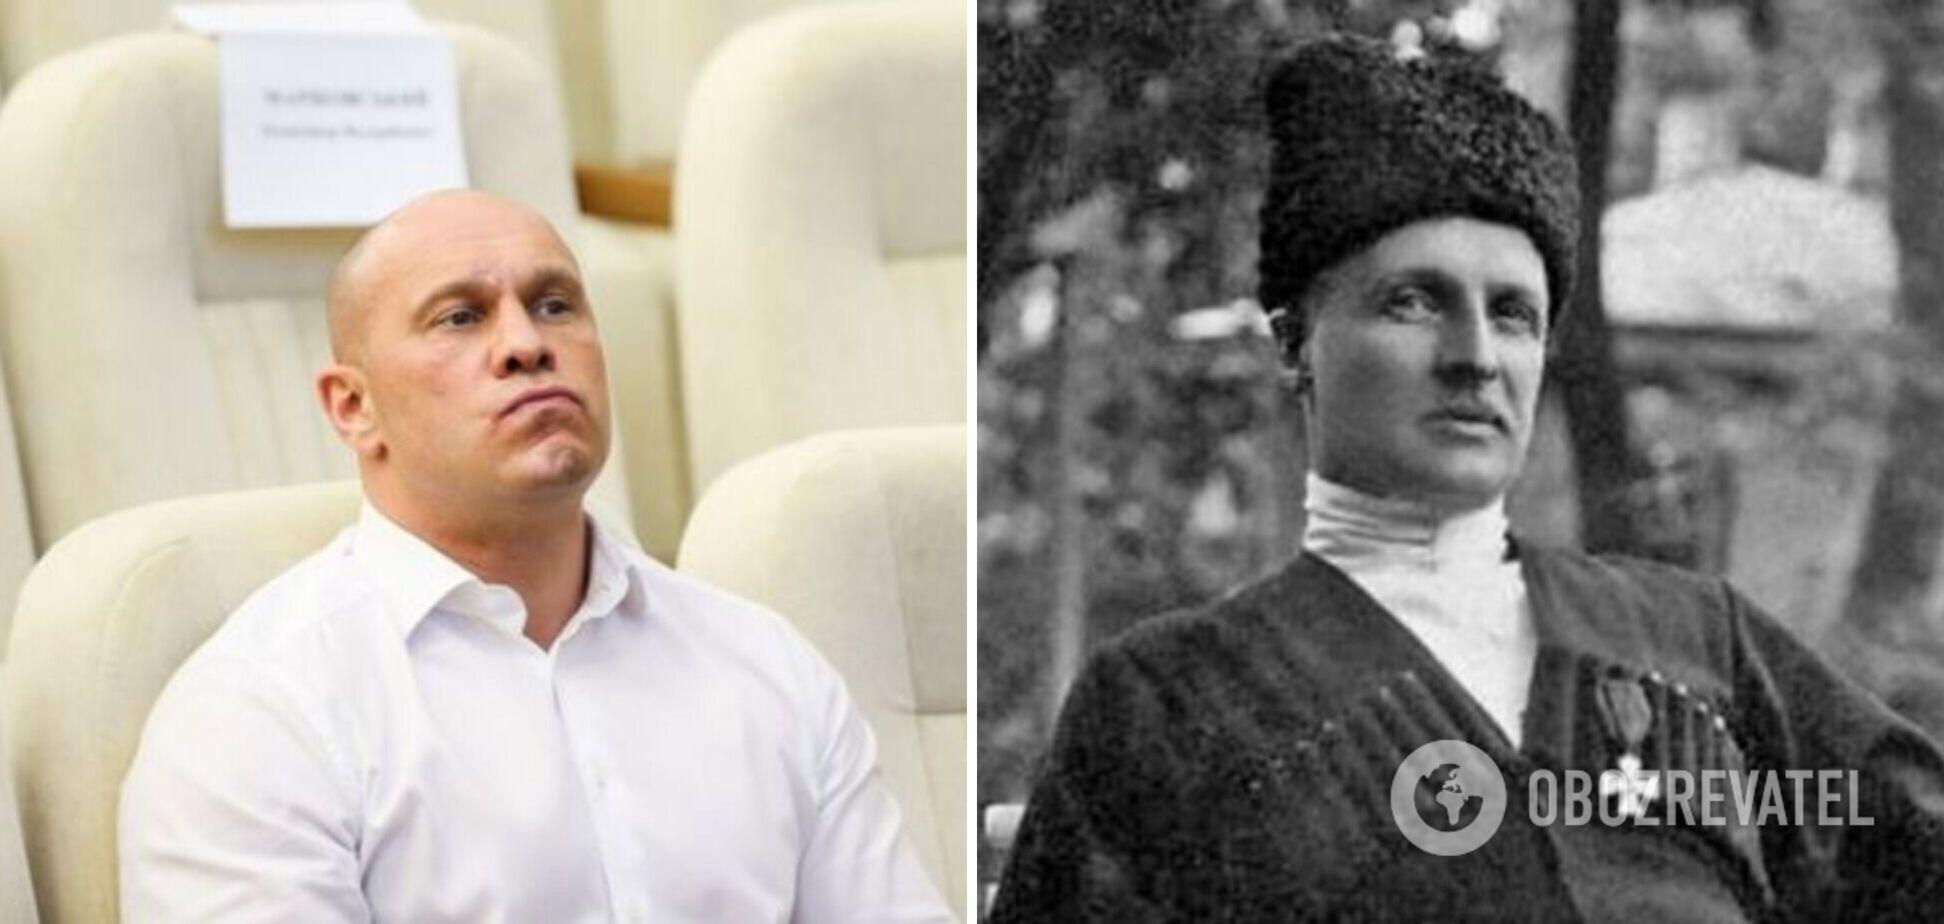 Кива сравнил себя со Скоропадским и заговорил о русской культуре в Украине